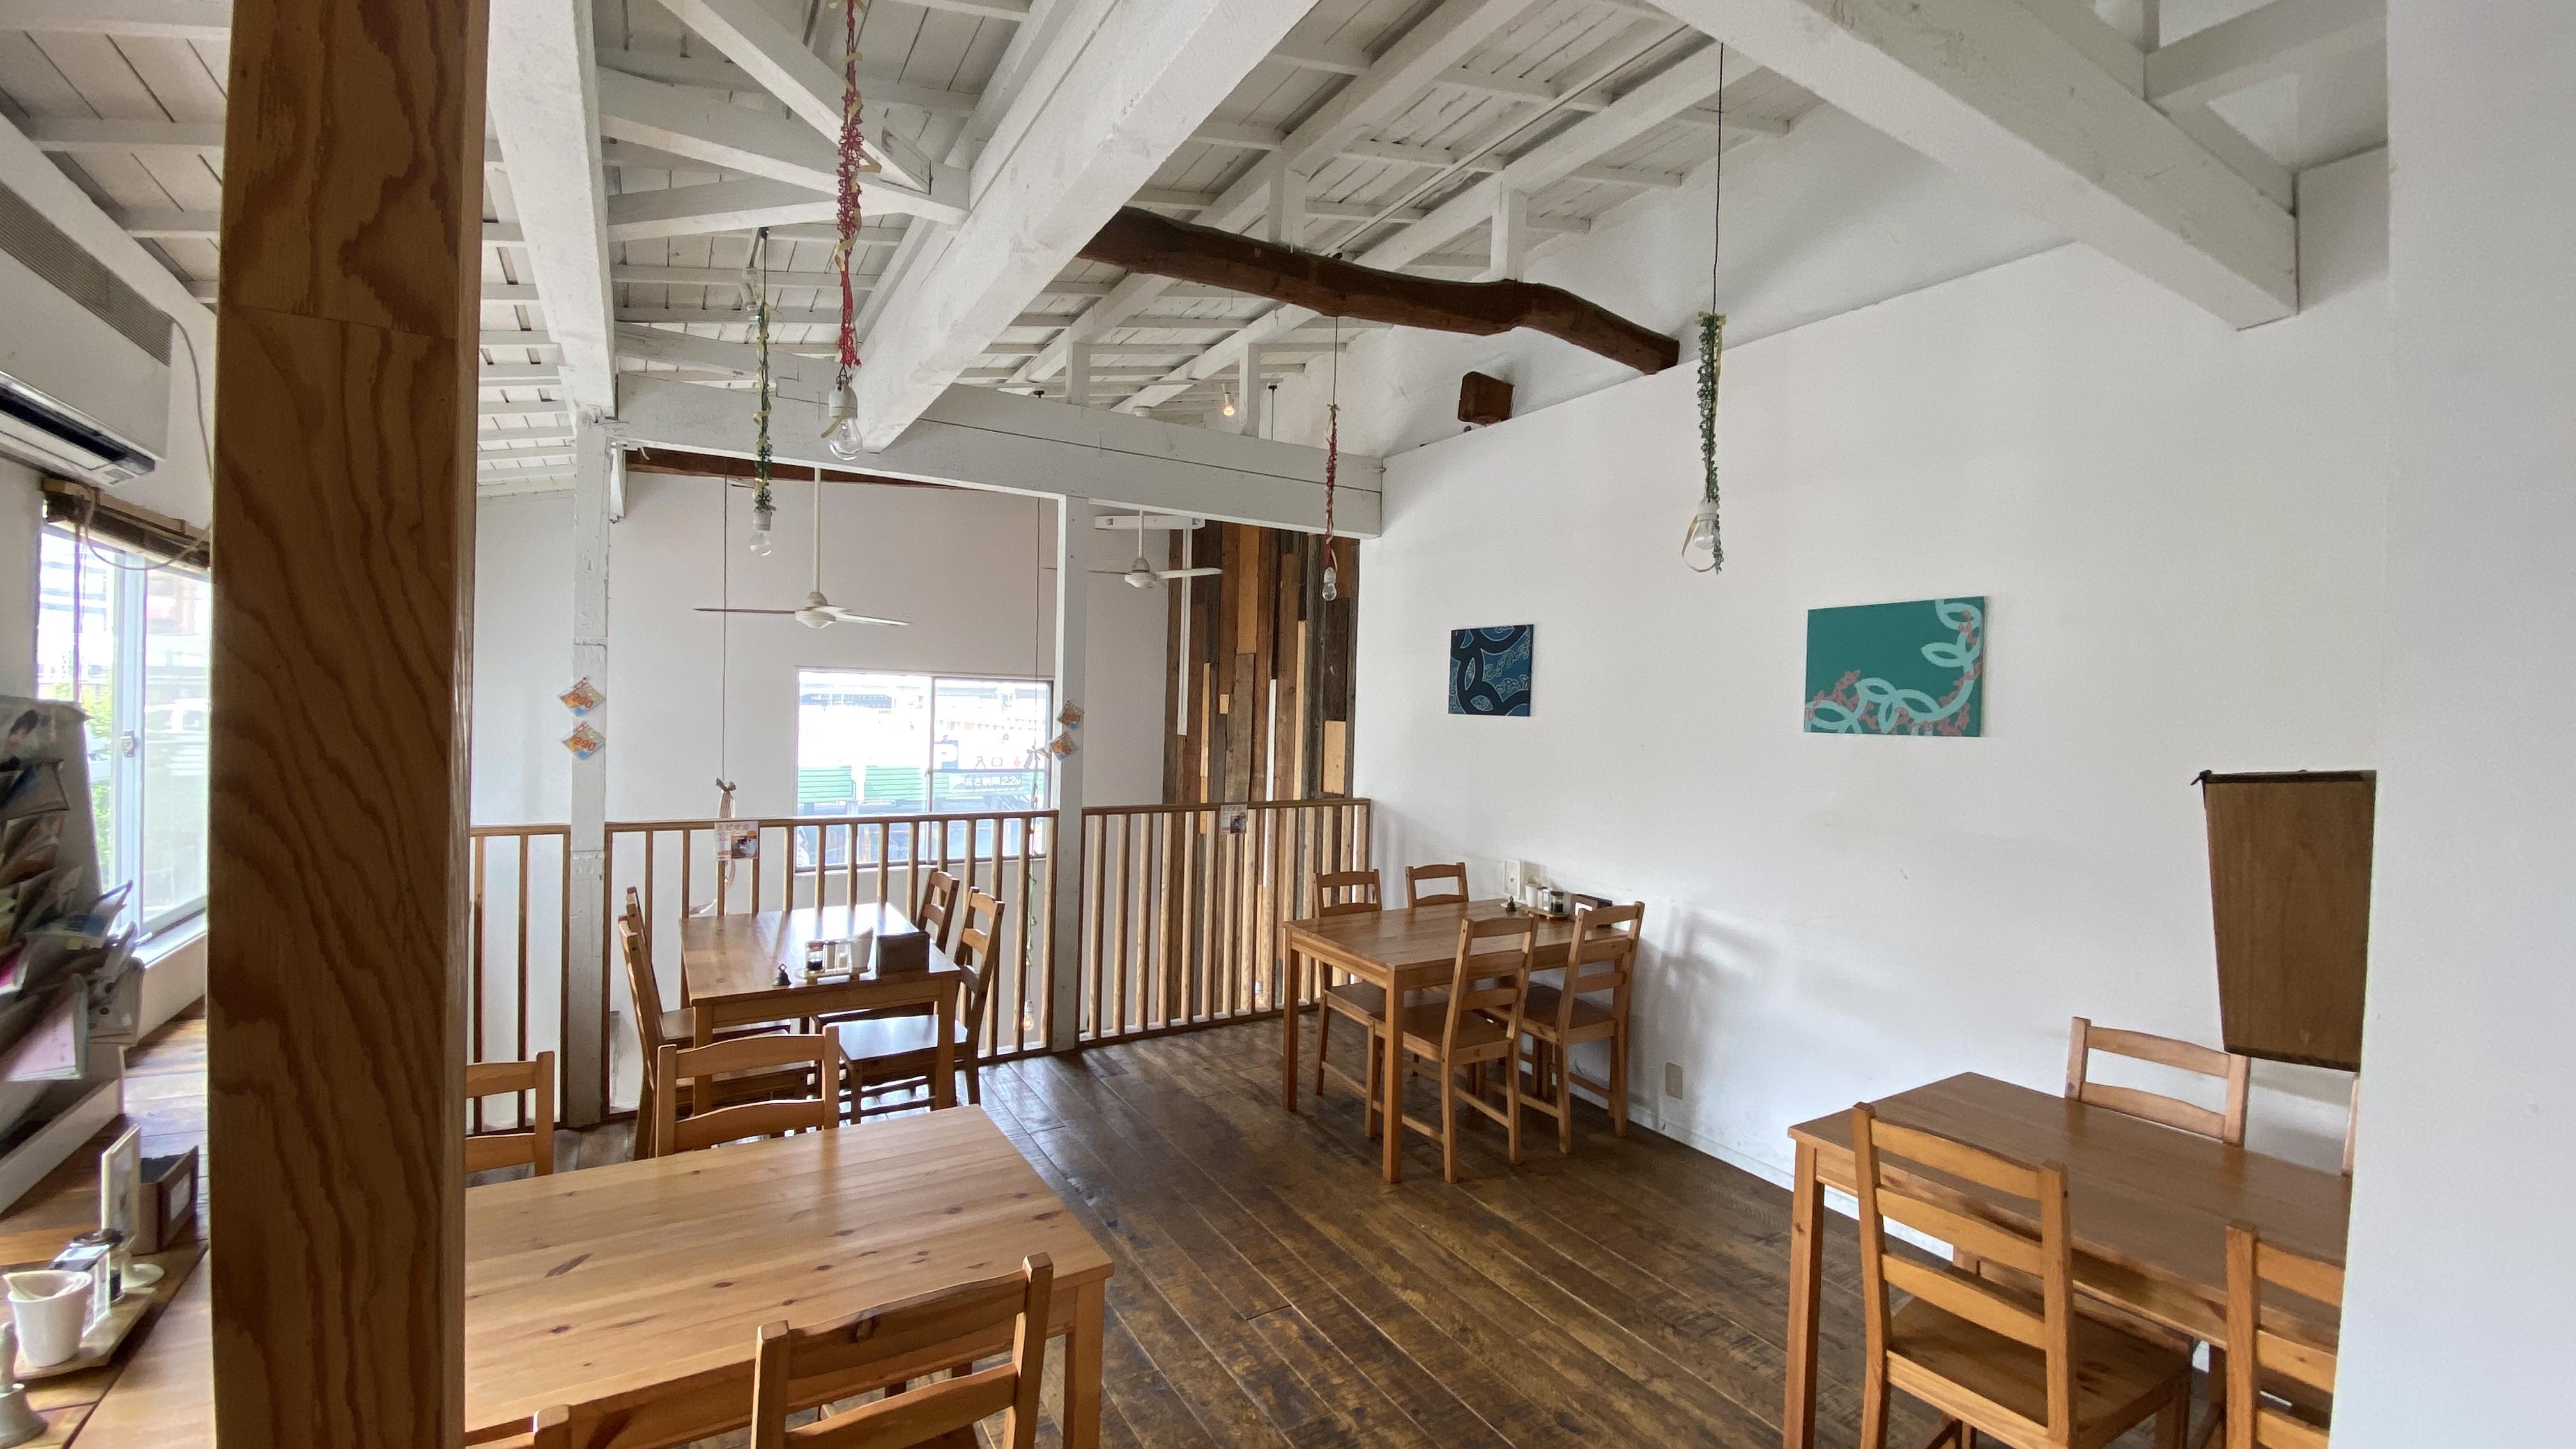 本厚木のカフェ オカユスタンドの《2階フロアー貸切り》できます。飲み会に好評※24名様まで